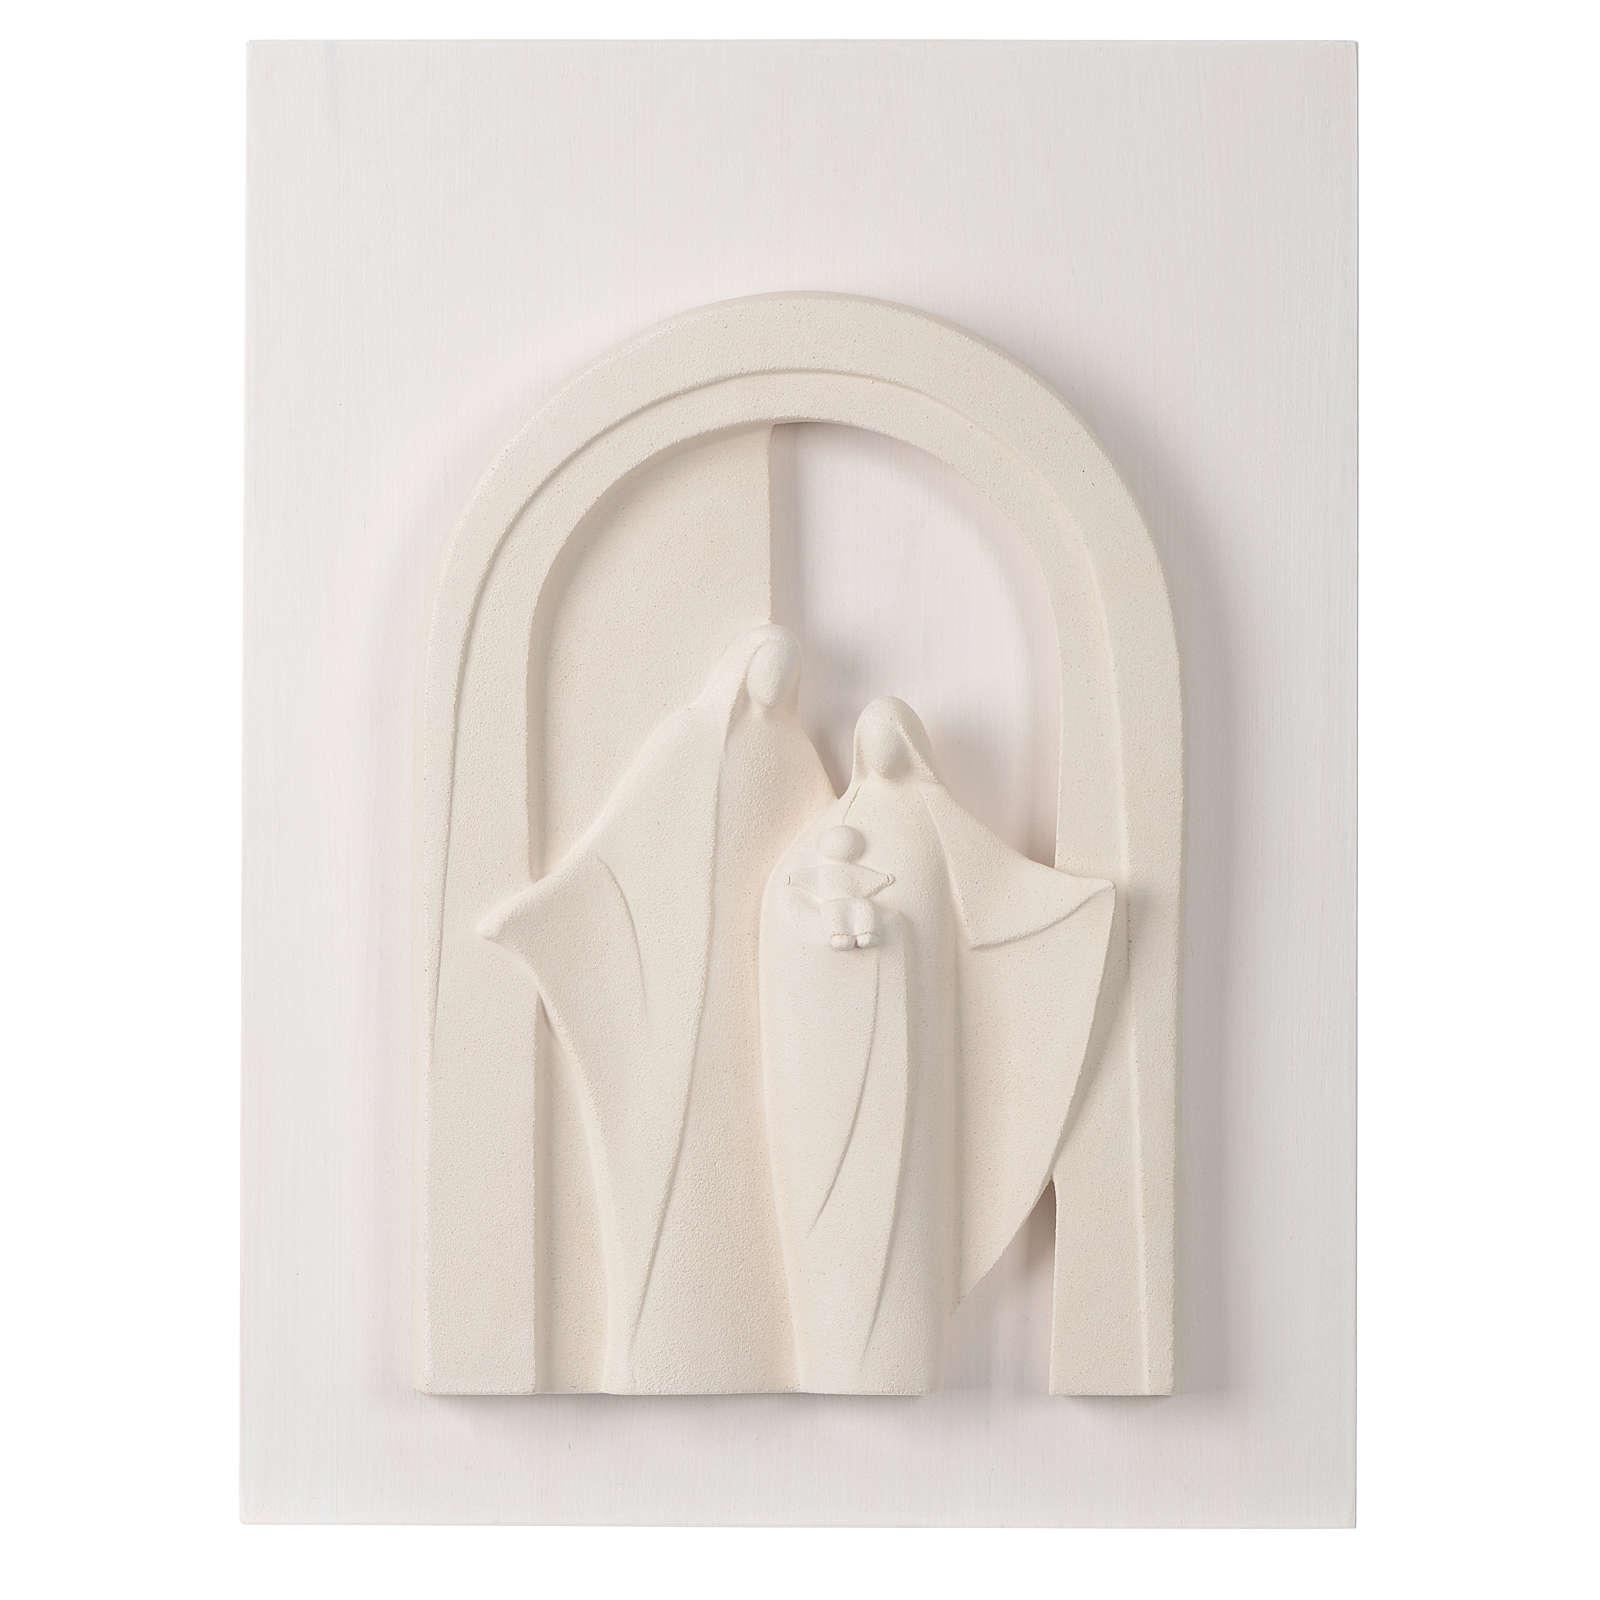 Sagrada Familia en pórtico madera y arcilla Centro Ave 40,5 cm 4